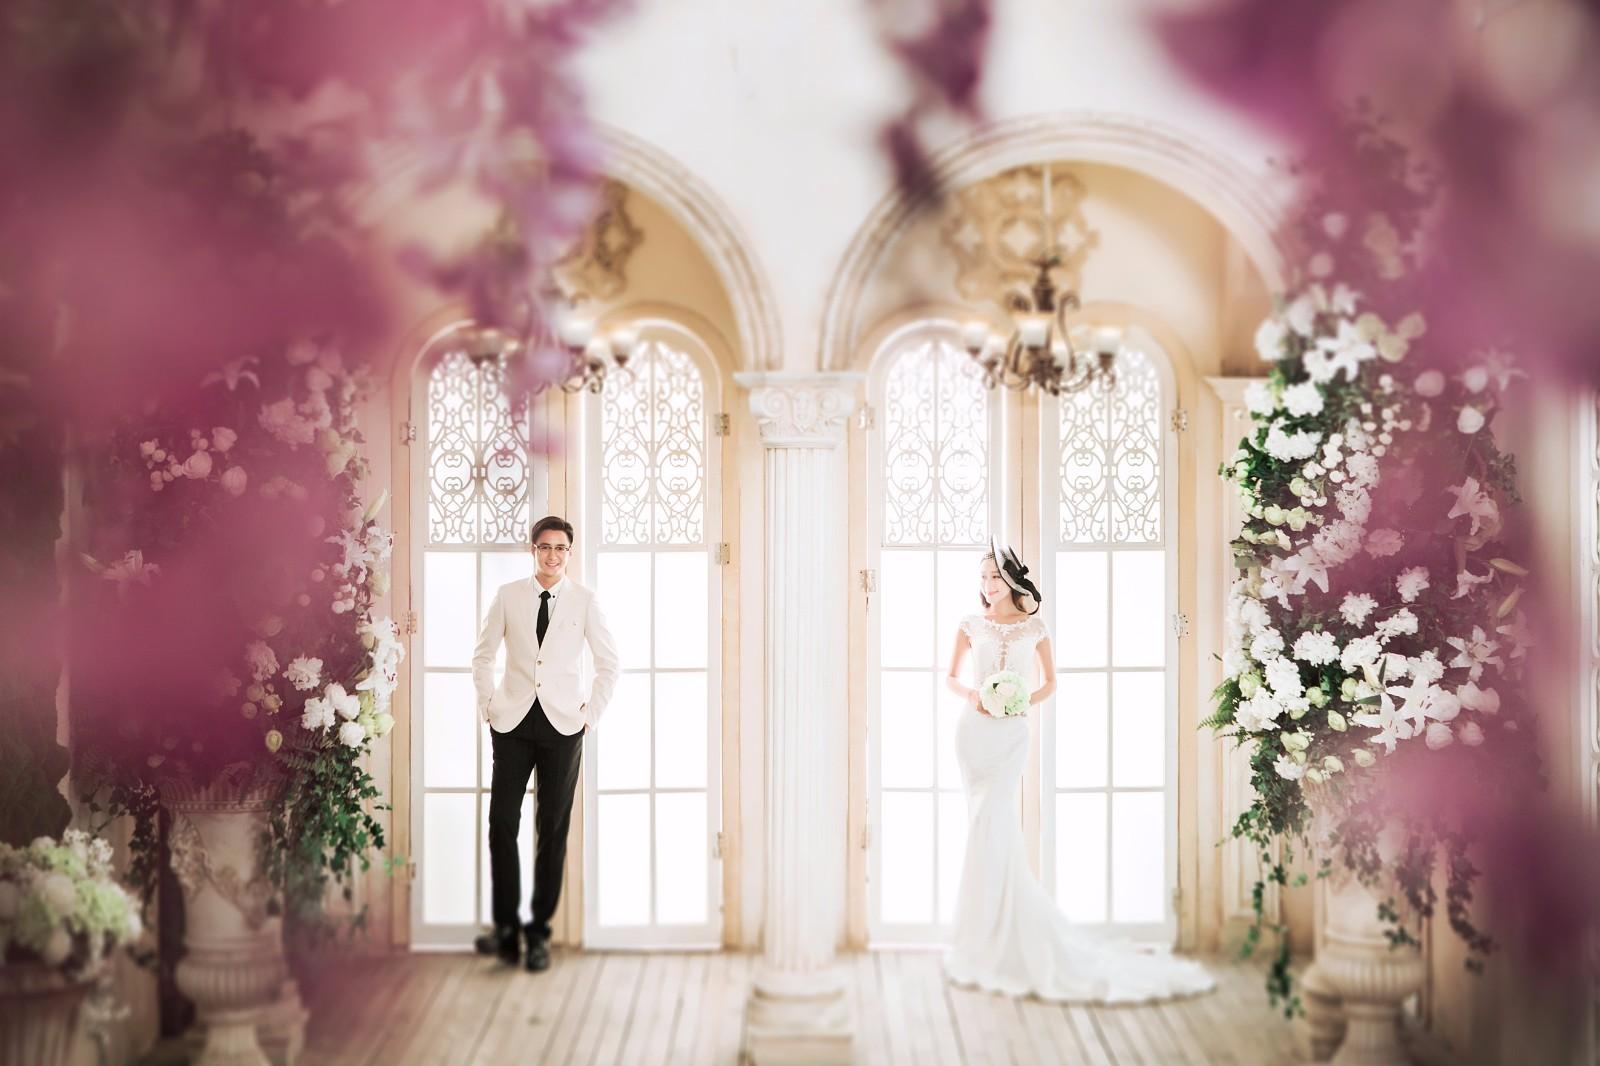 欧式婚纱照风格,给你一场美丽的婚礼